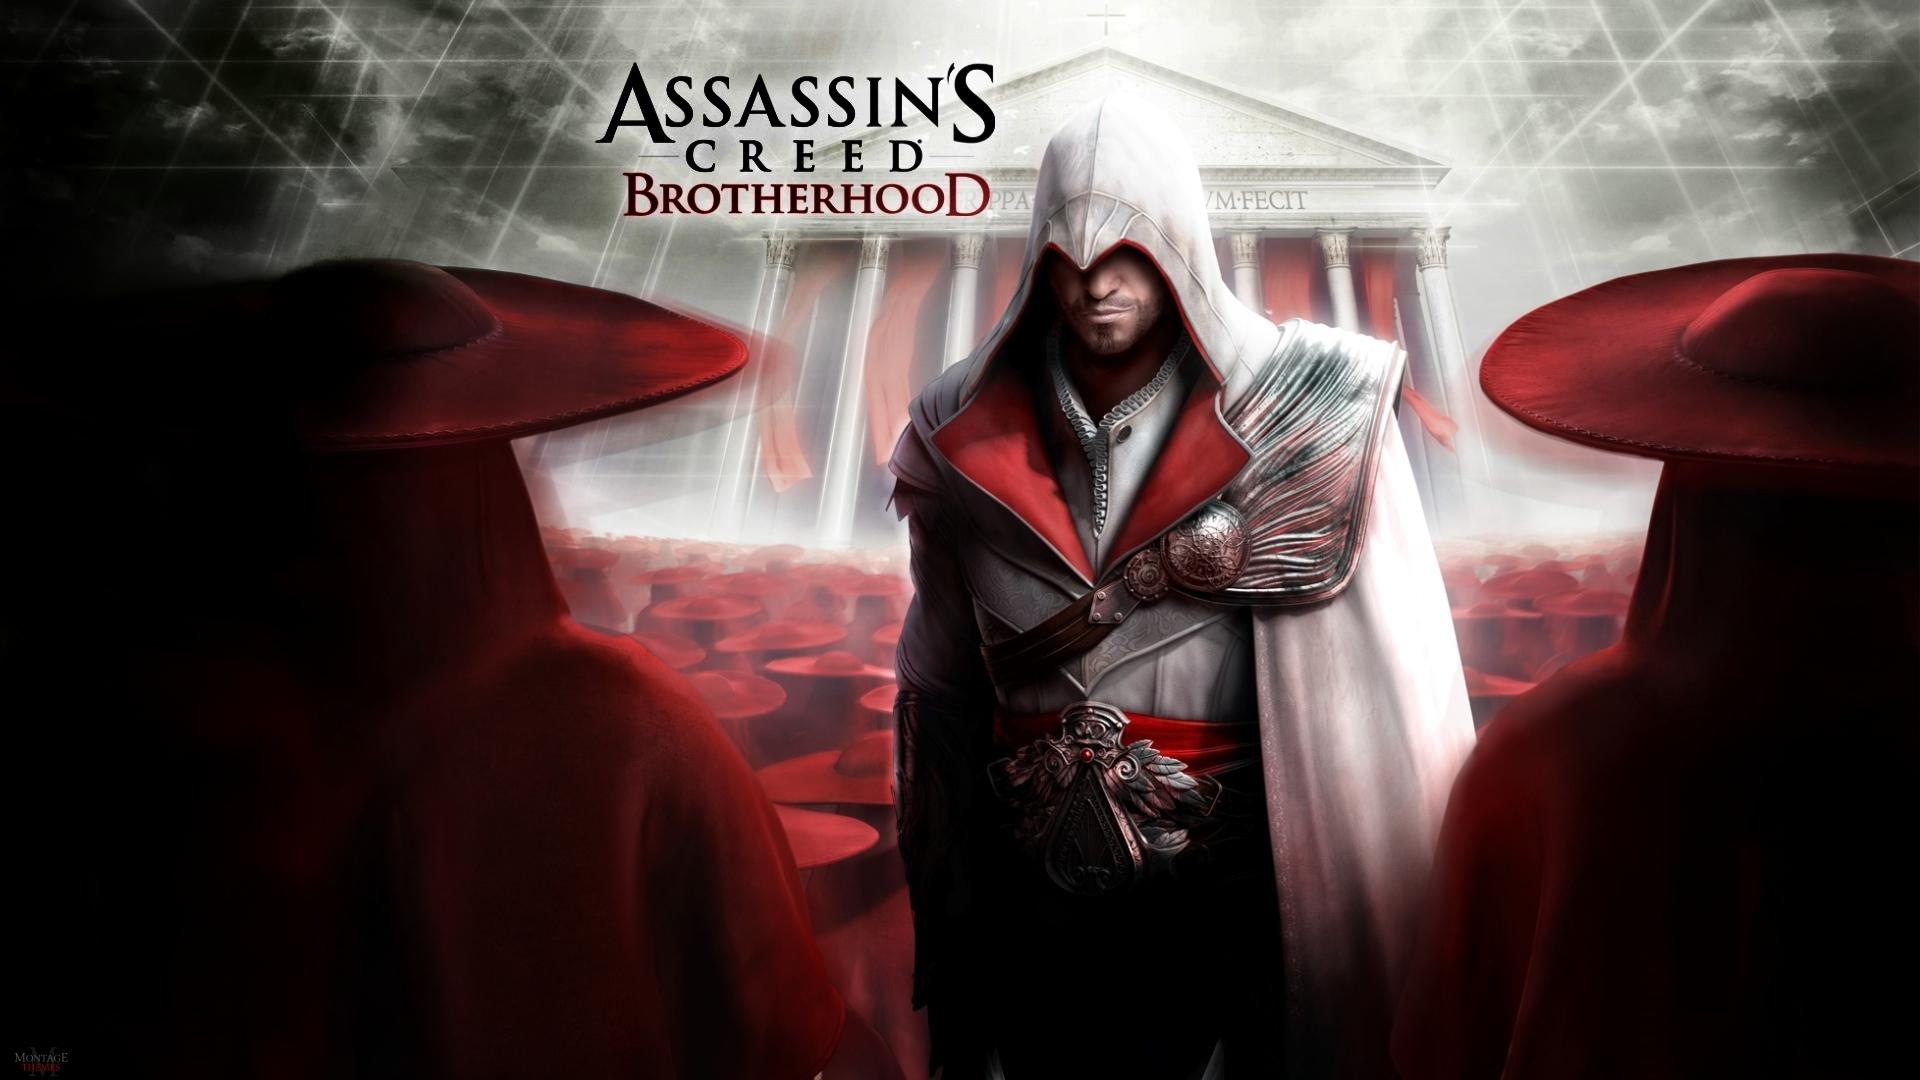 Fondos De Pantalla 1920x1080 Assassins Creed Assassins